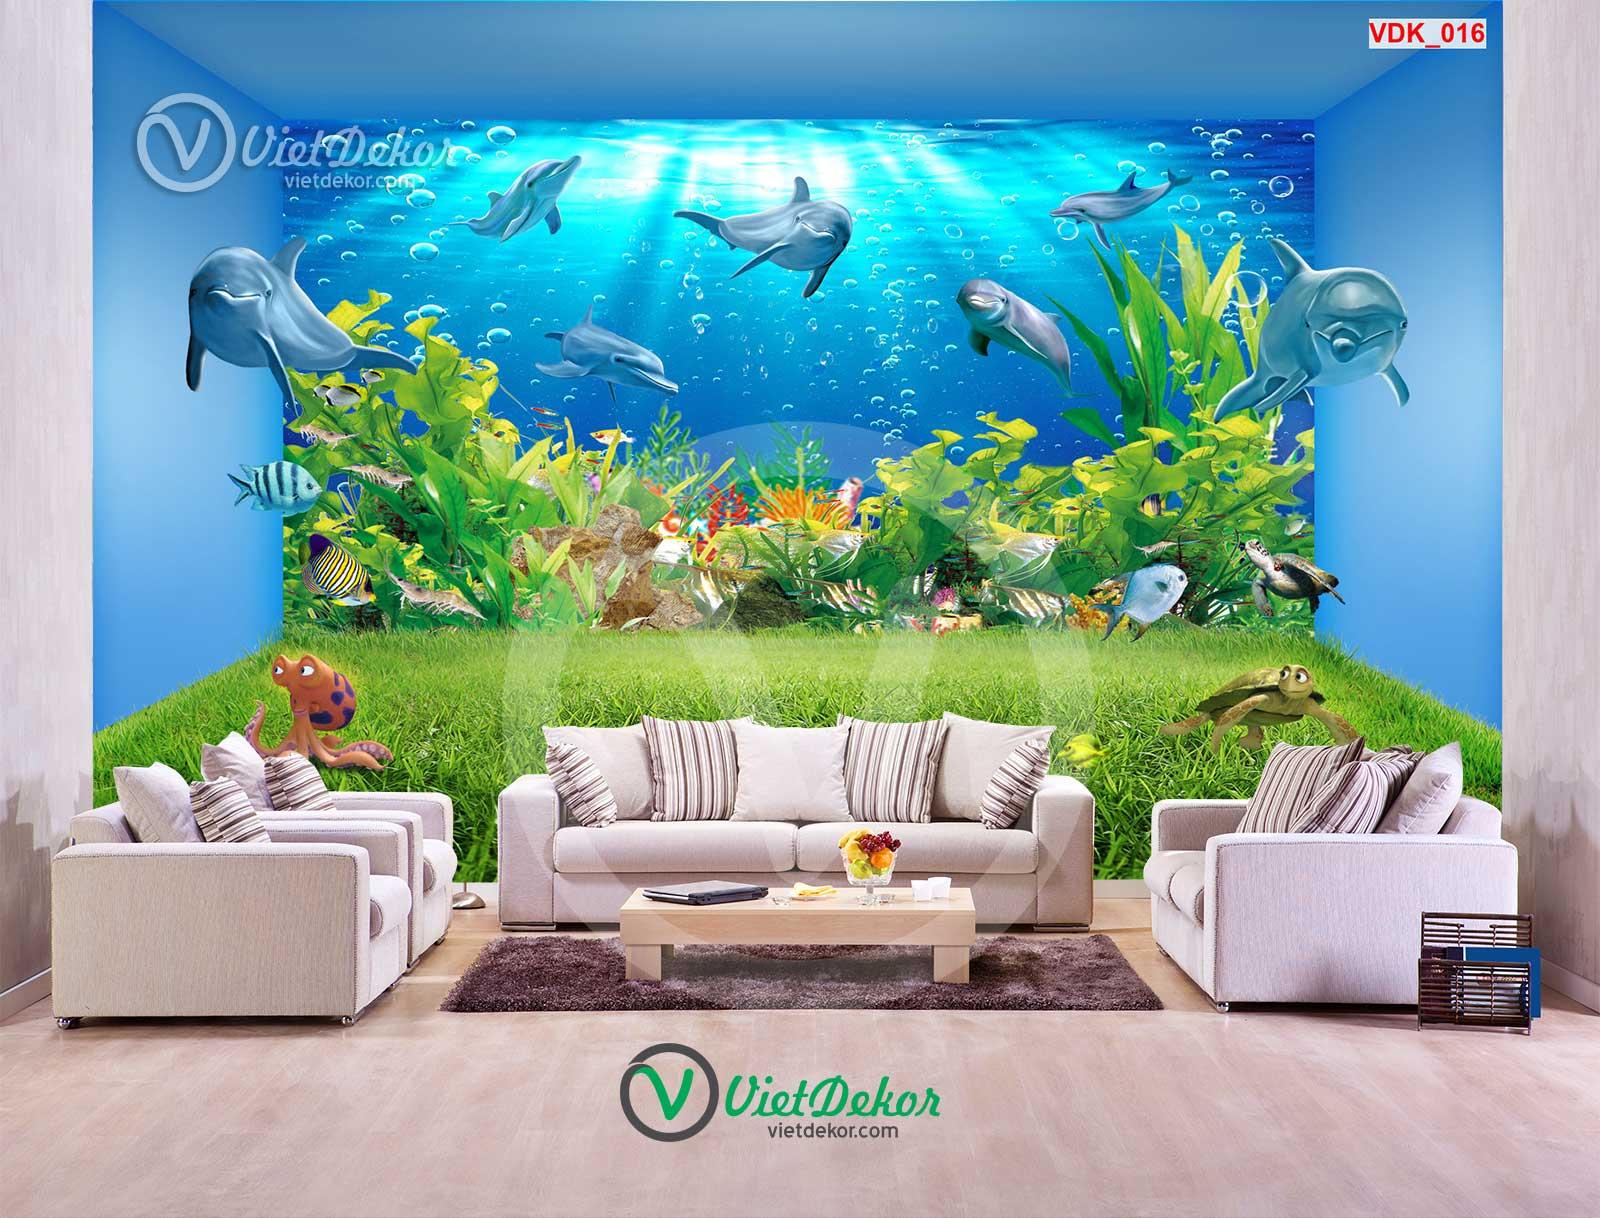 Tranh dán tường 3d dưới đáy biển